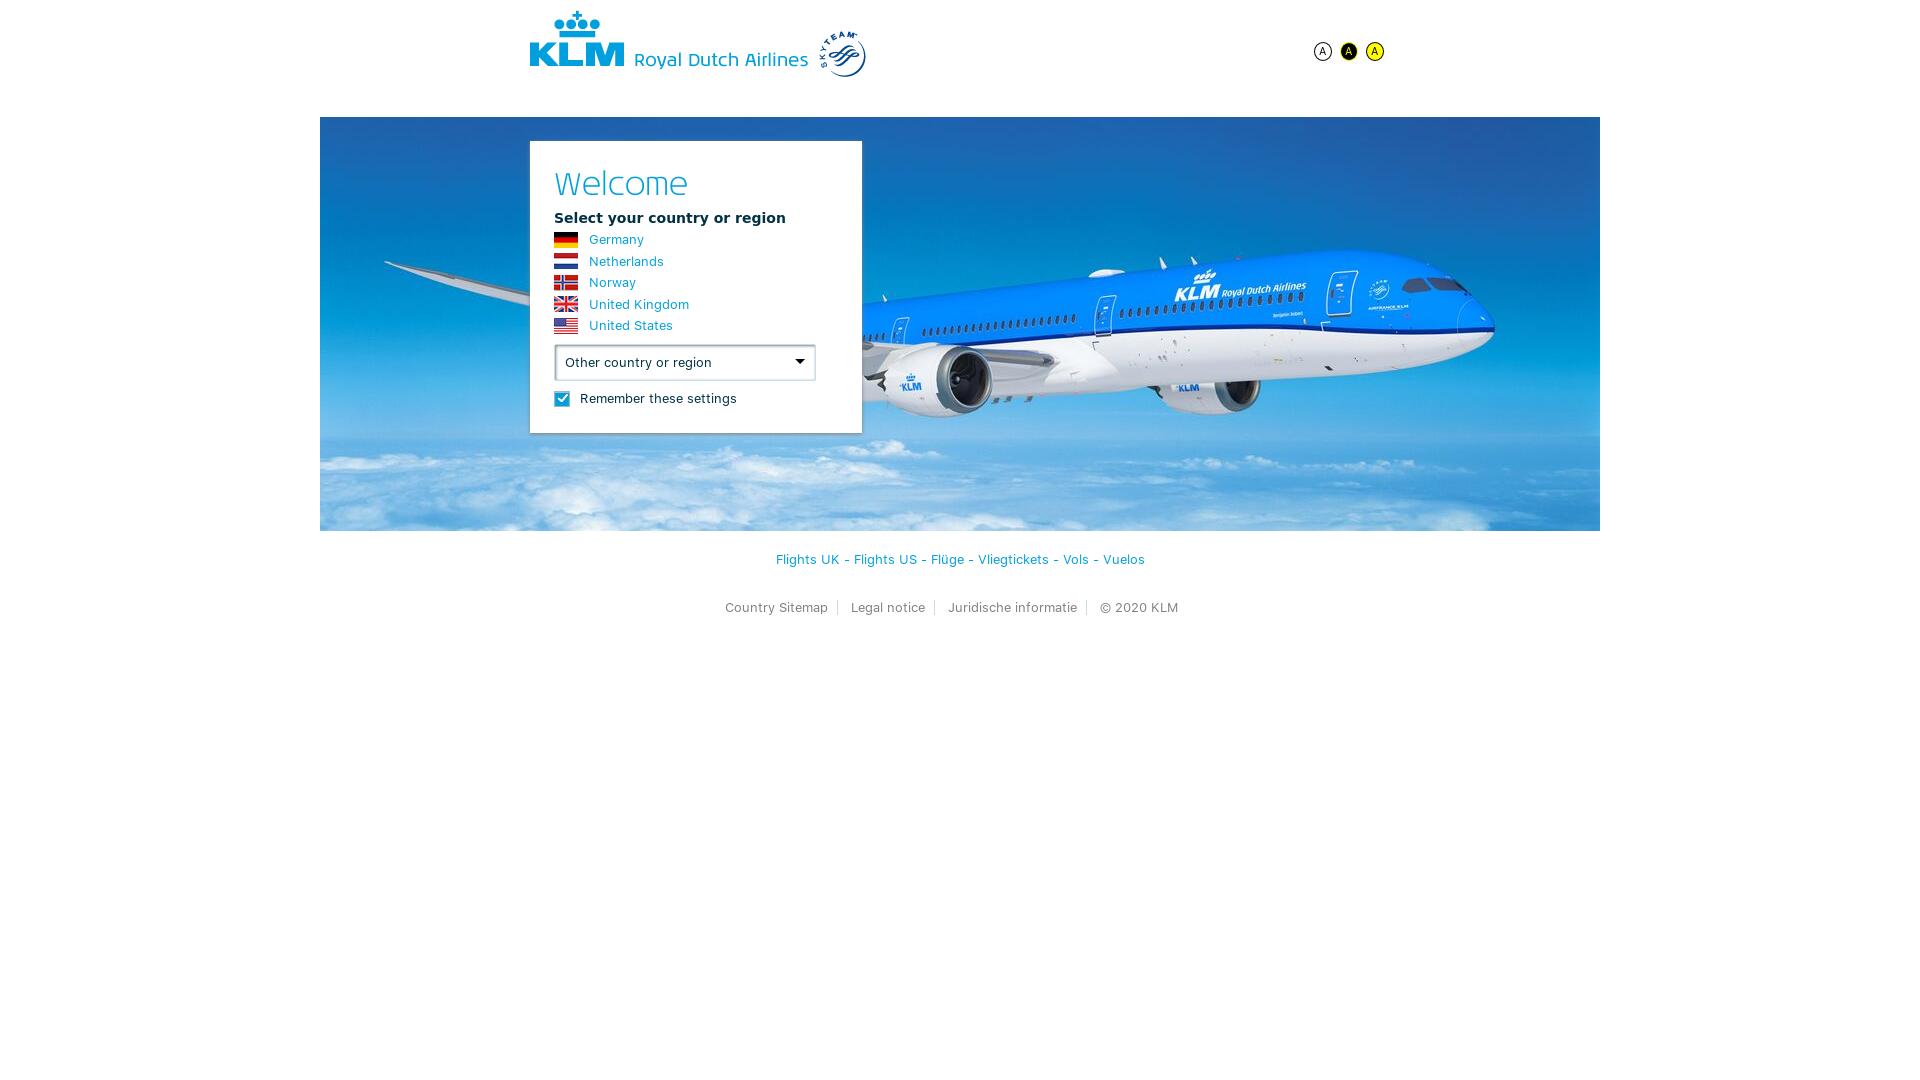 KLM Airlines website